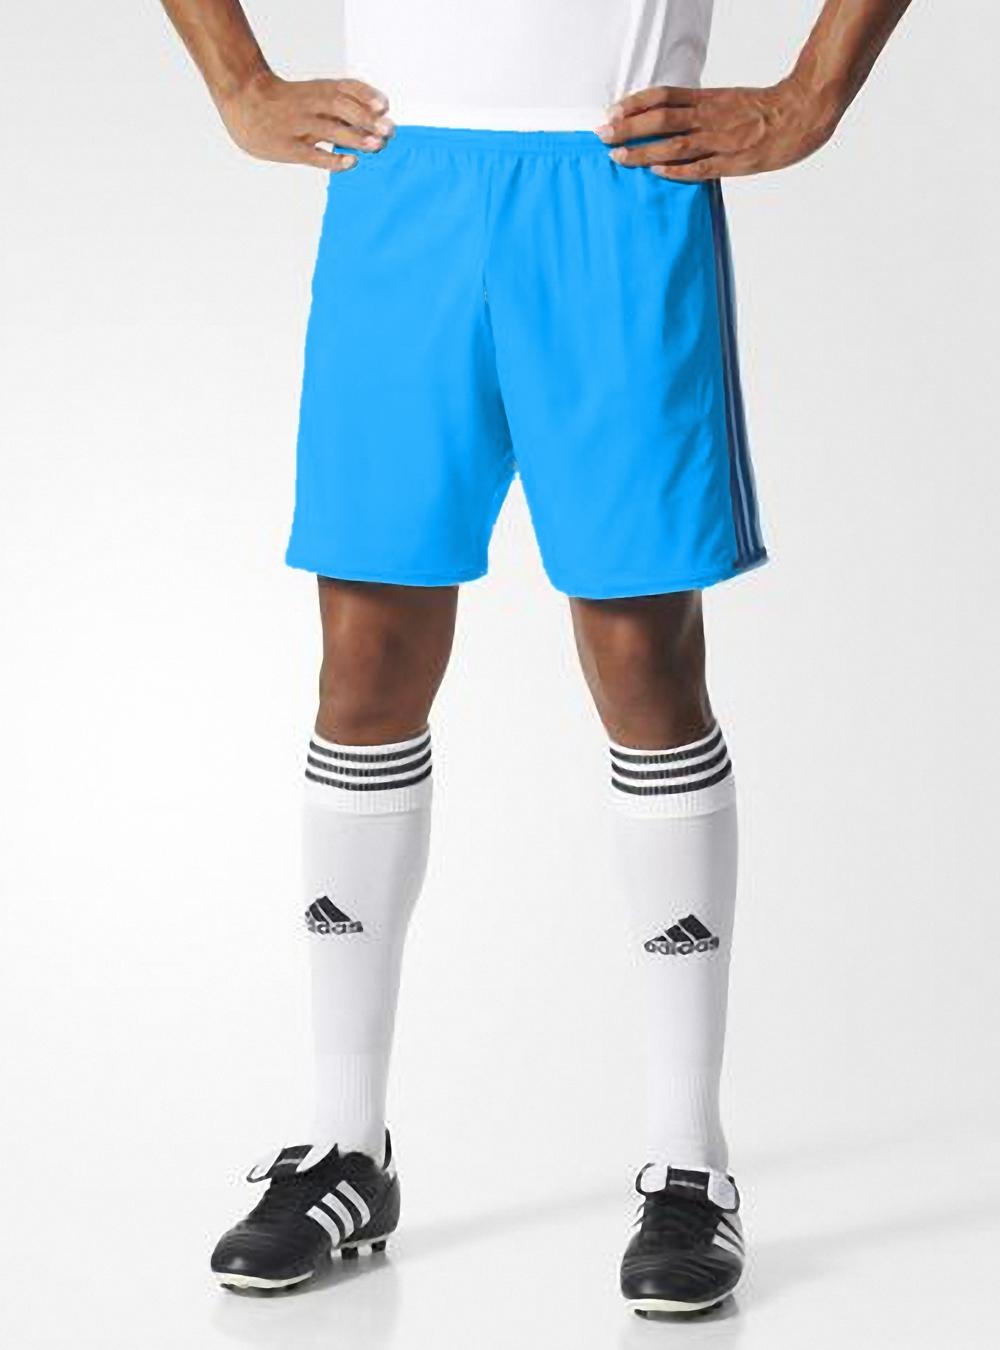 Вратарские шорты, цвет голубой (XL)Вратарская форма 2017/2018<br>Вратарские шорты, цвет голубой<br>